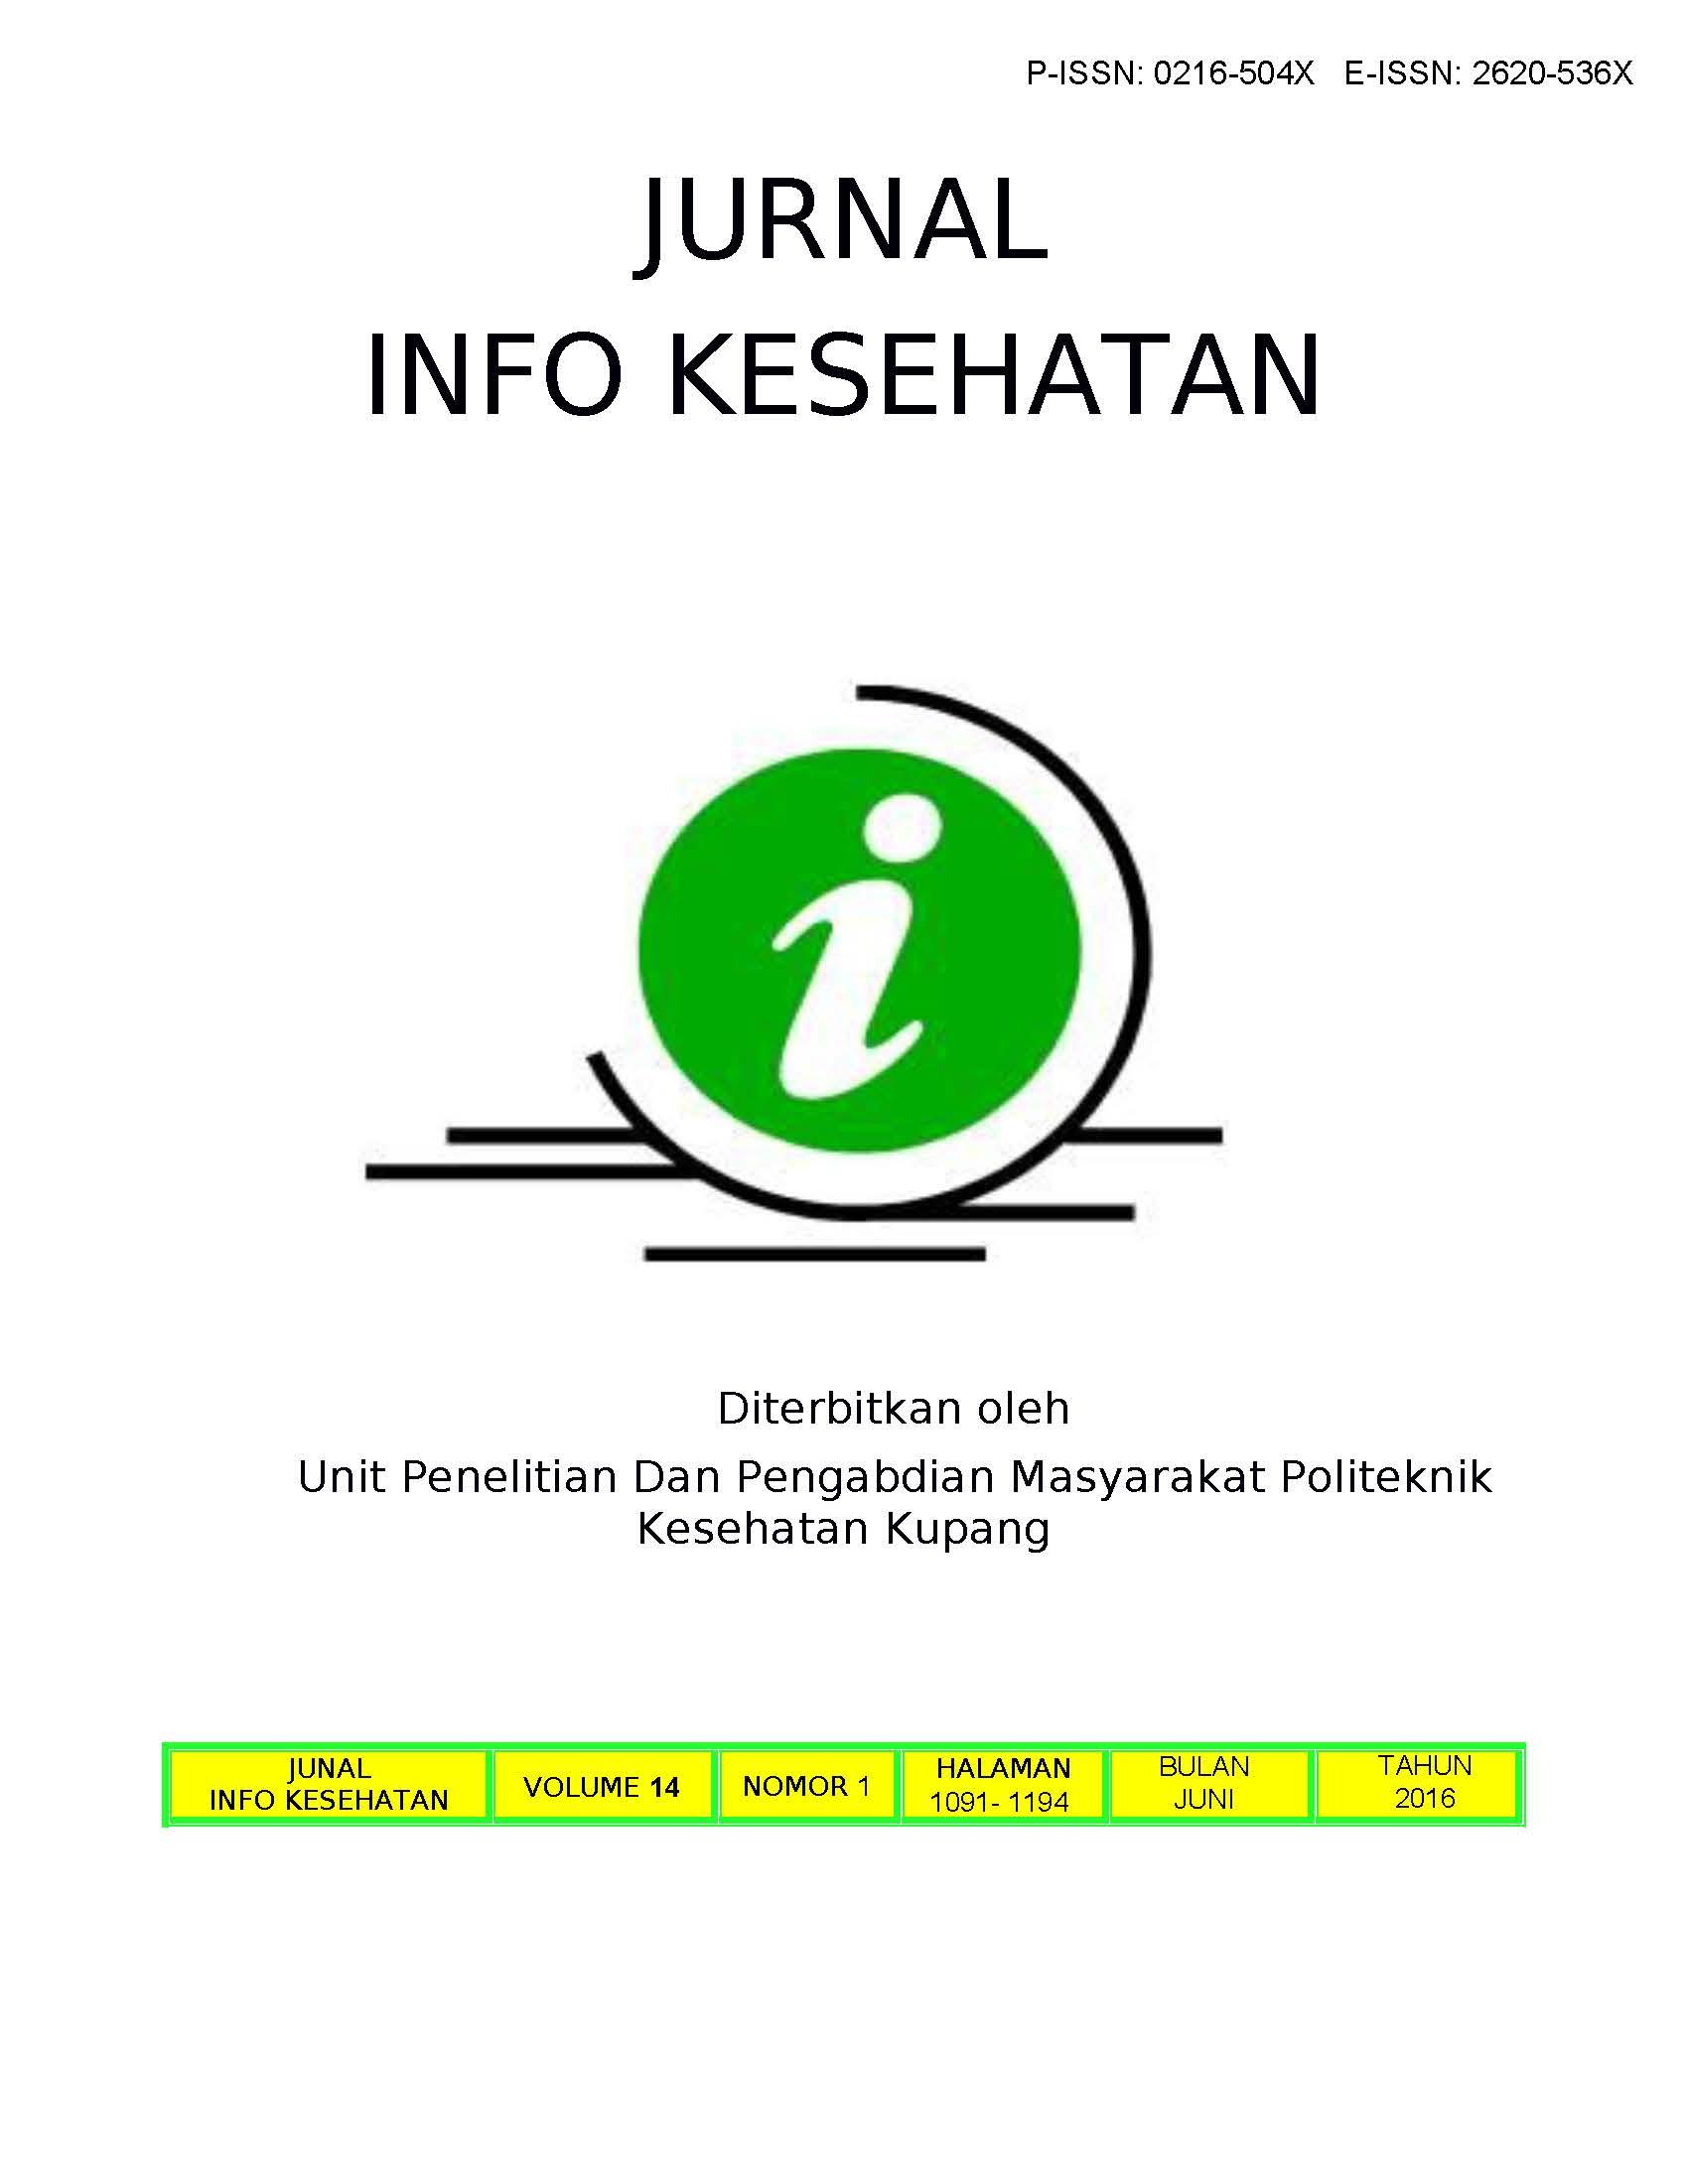 JURNAL INFO KESEHATAN